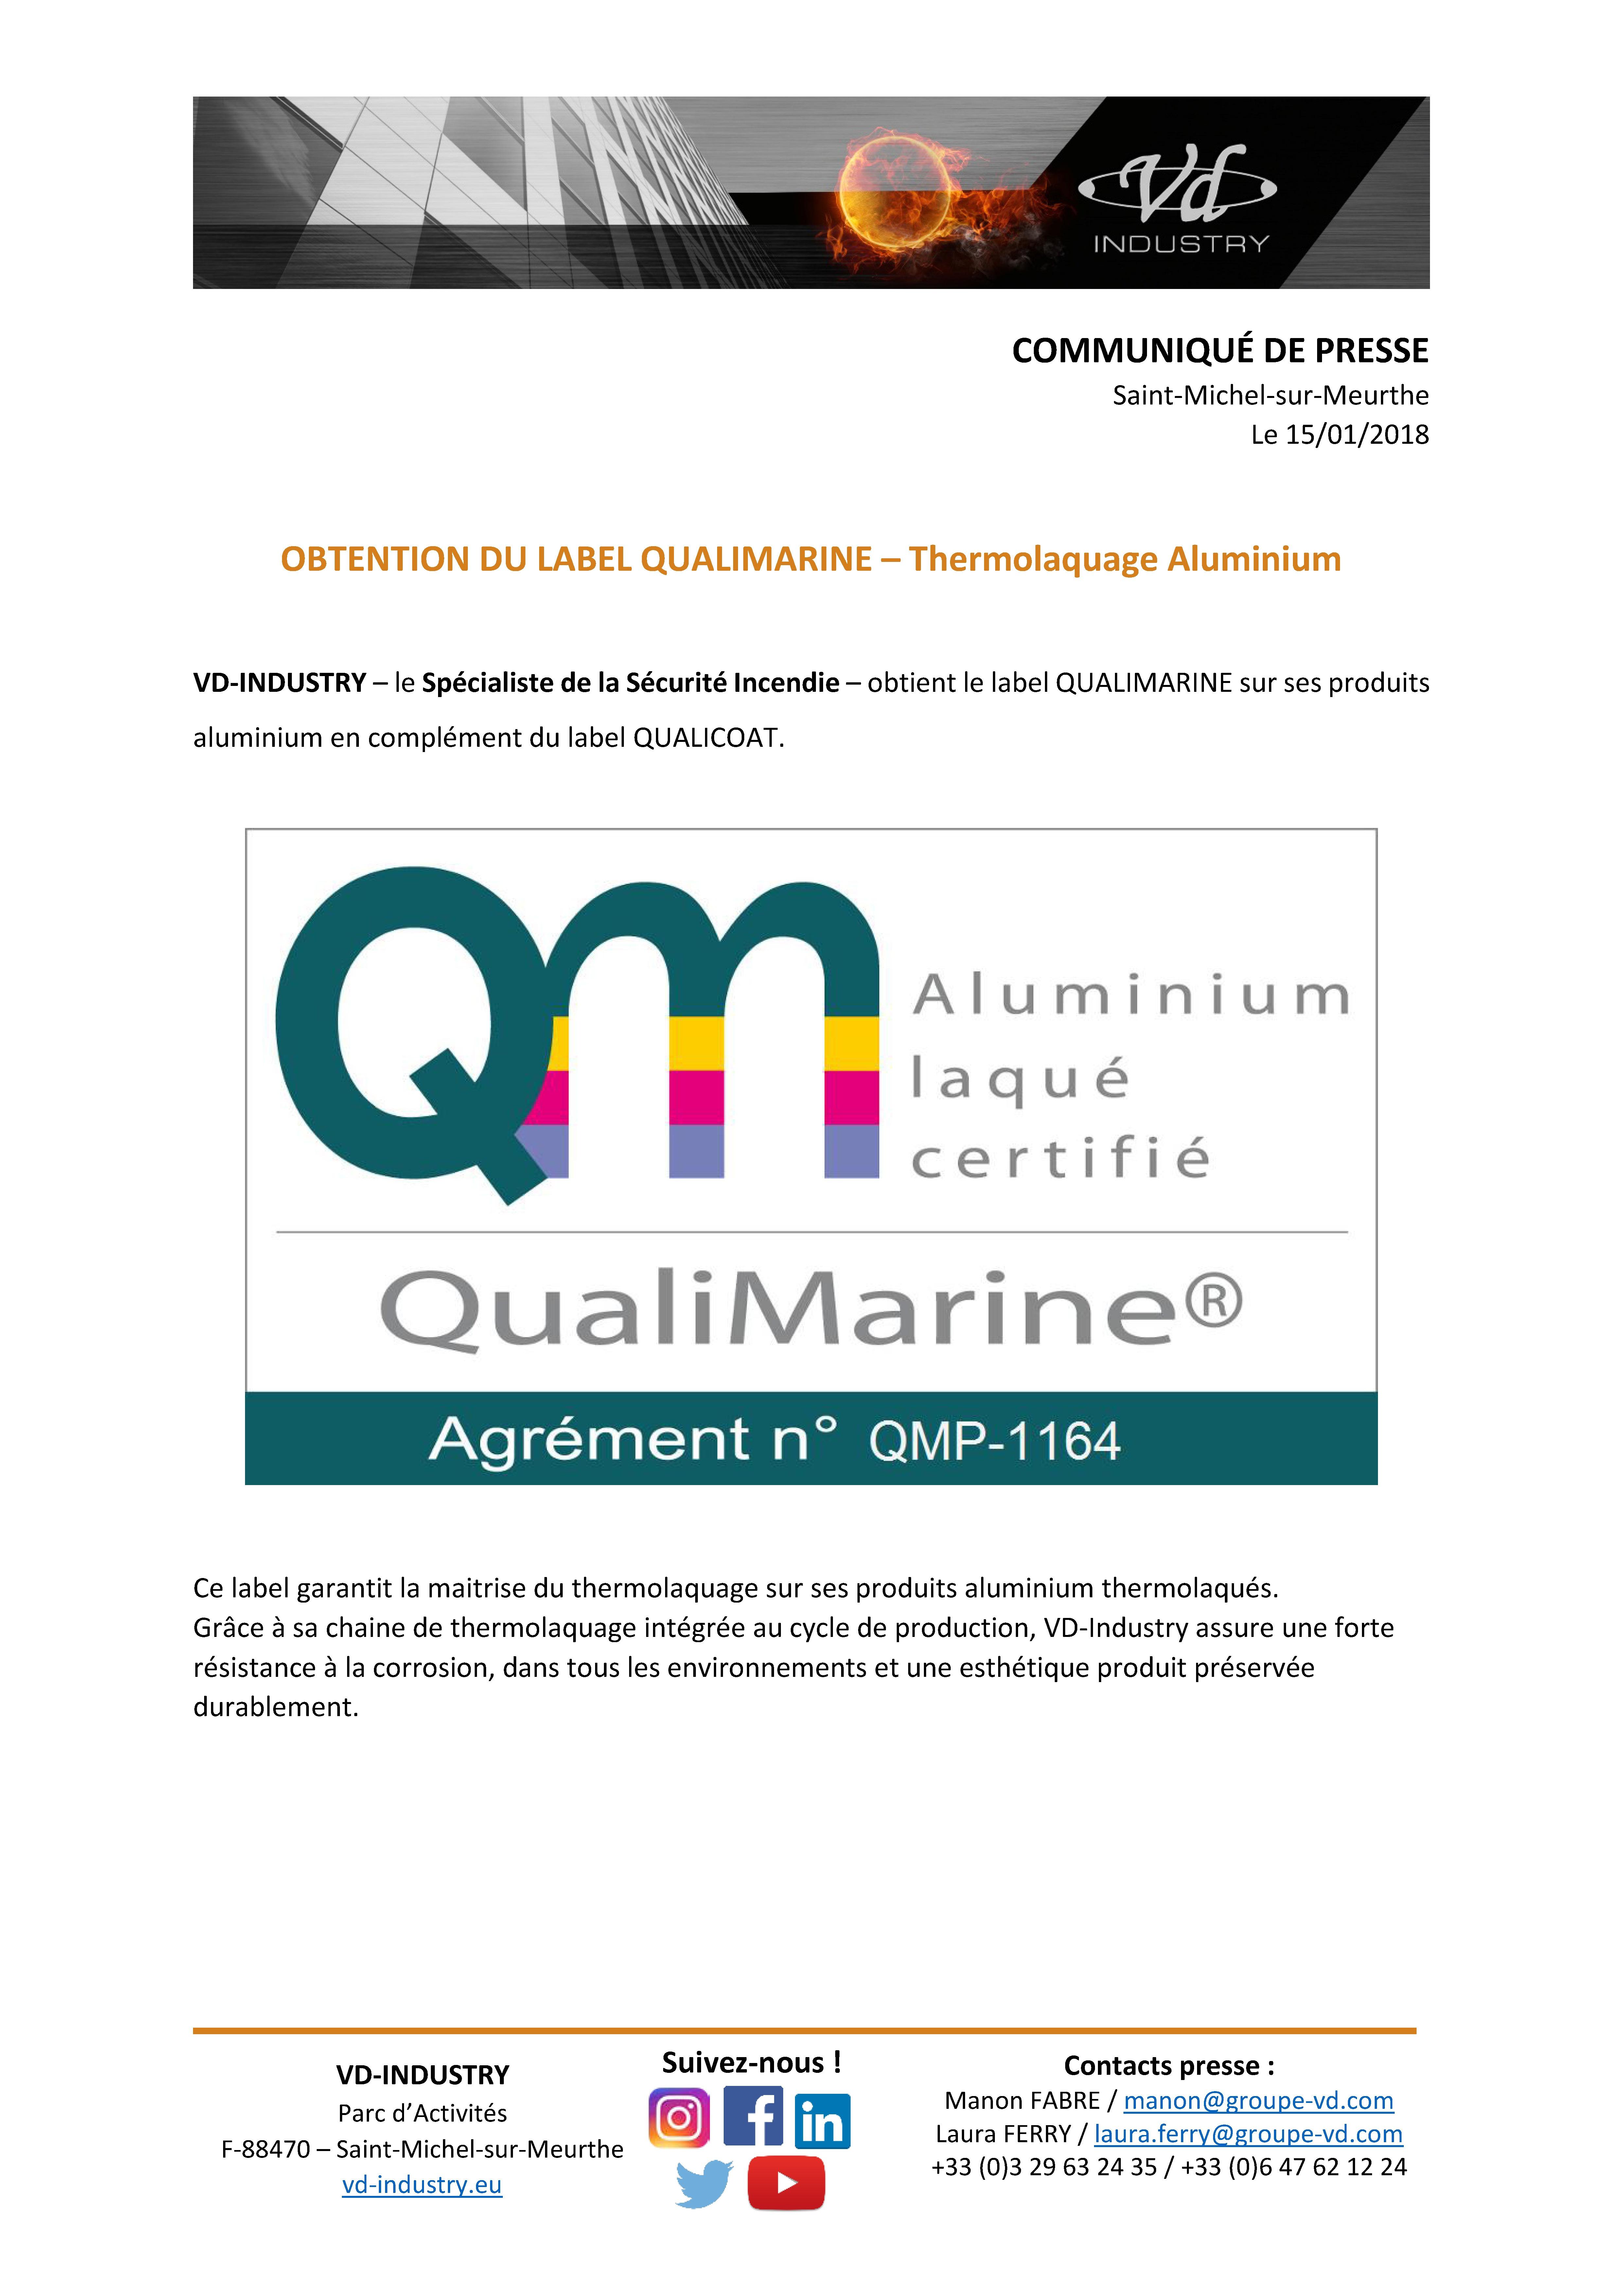 CP label Qualimarine